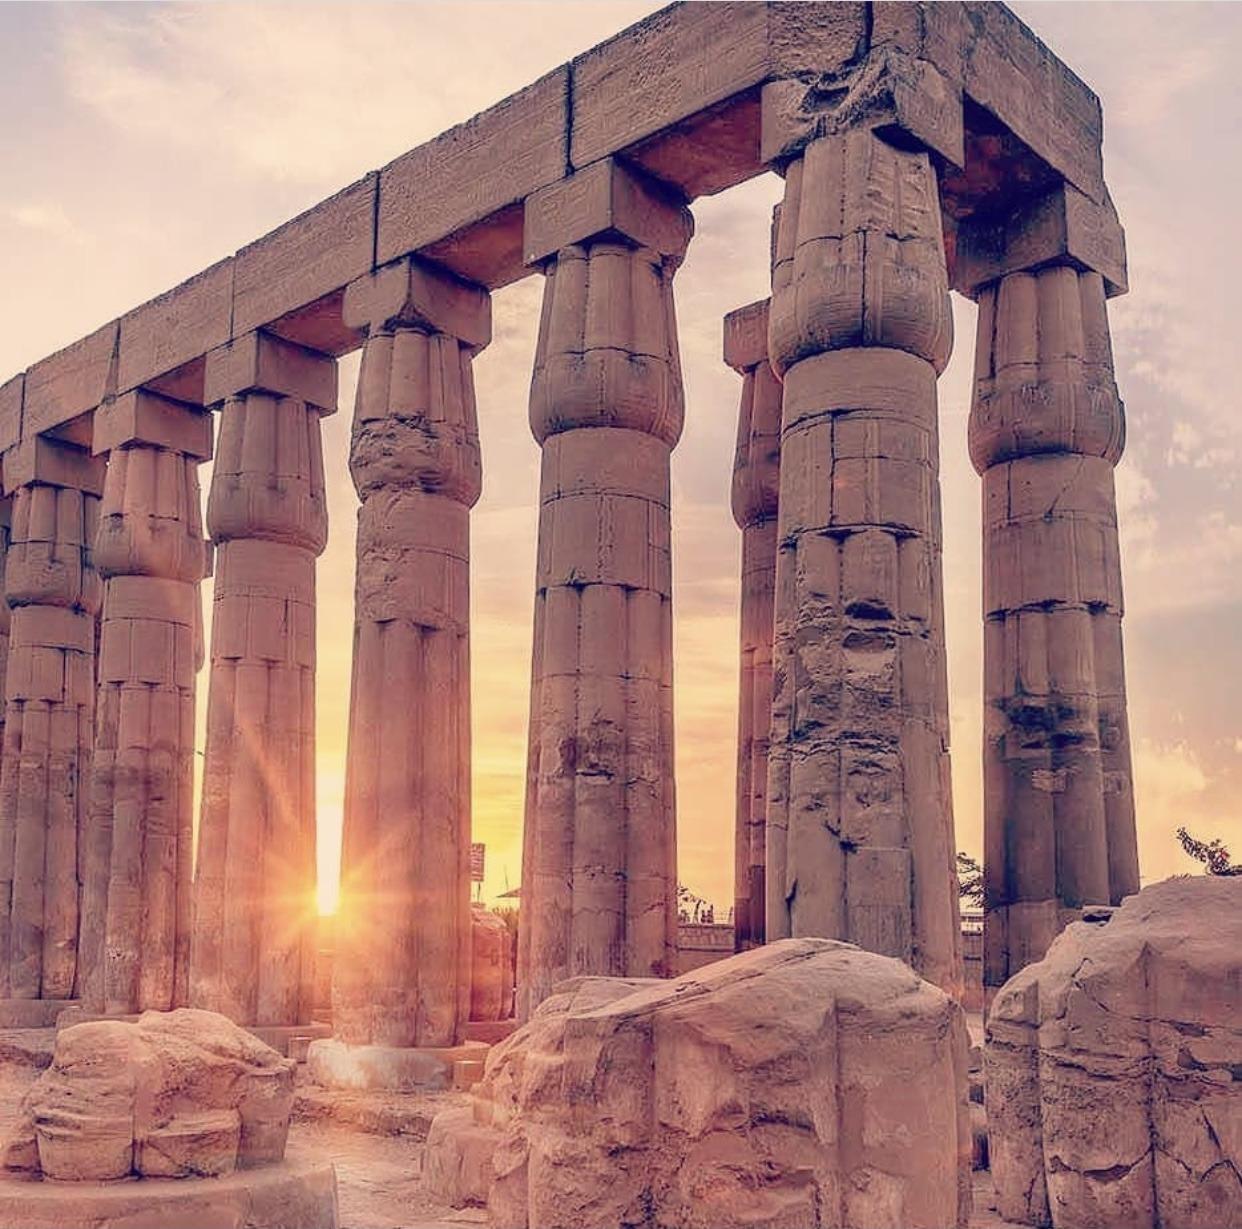 من الرحلات الجوية إلى الفنادق والمزيد ، أحدث مبادرة للسياحة في مصر موجودة لمساعدتك على الاستمتاع بشتائك - Scoop Empire